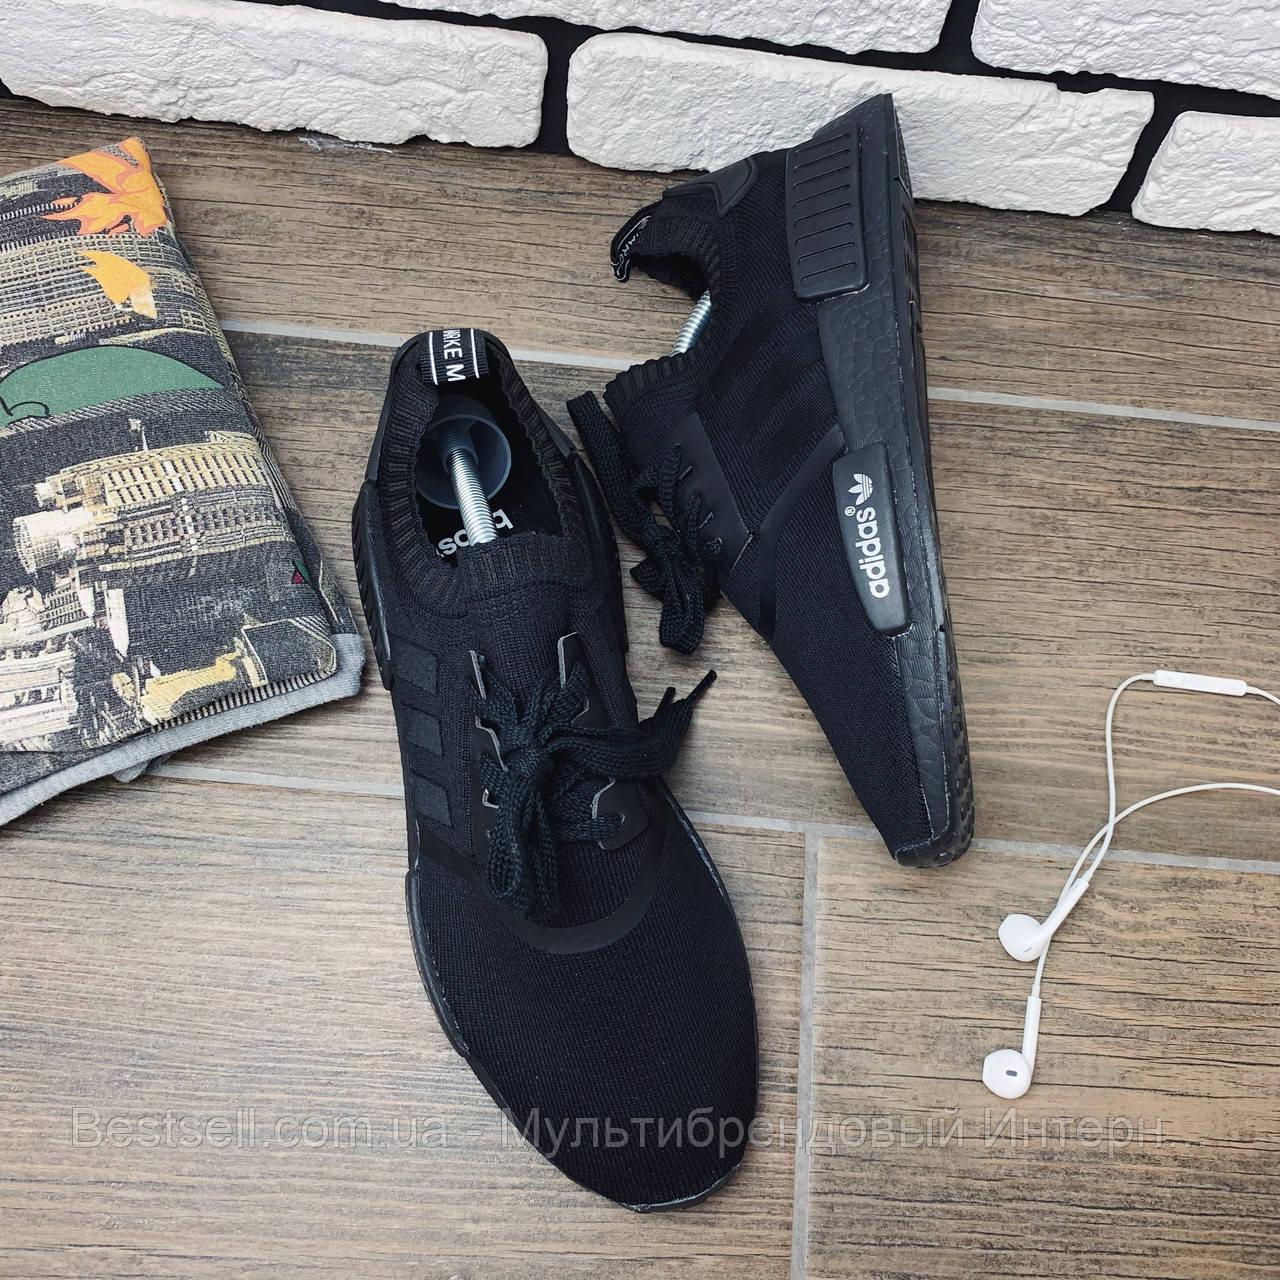 Кросівки Adidas NMD Runner 30199 ⏩ [42 останній розмір]